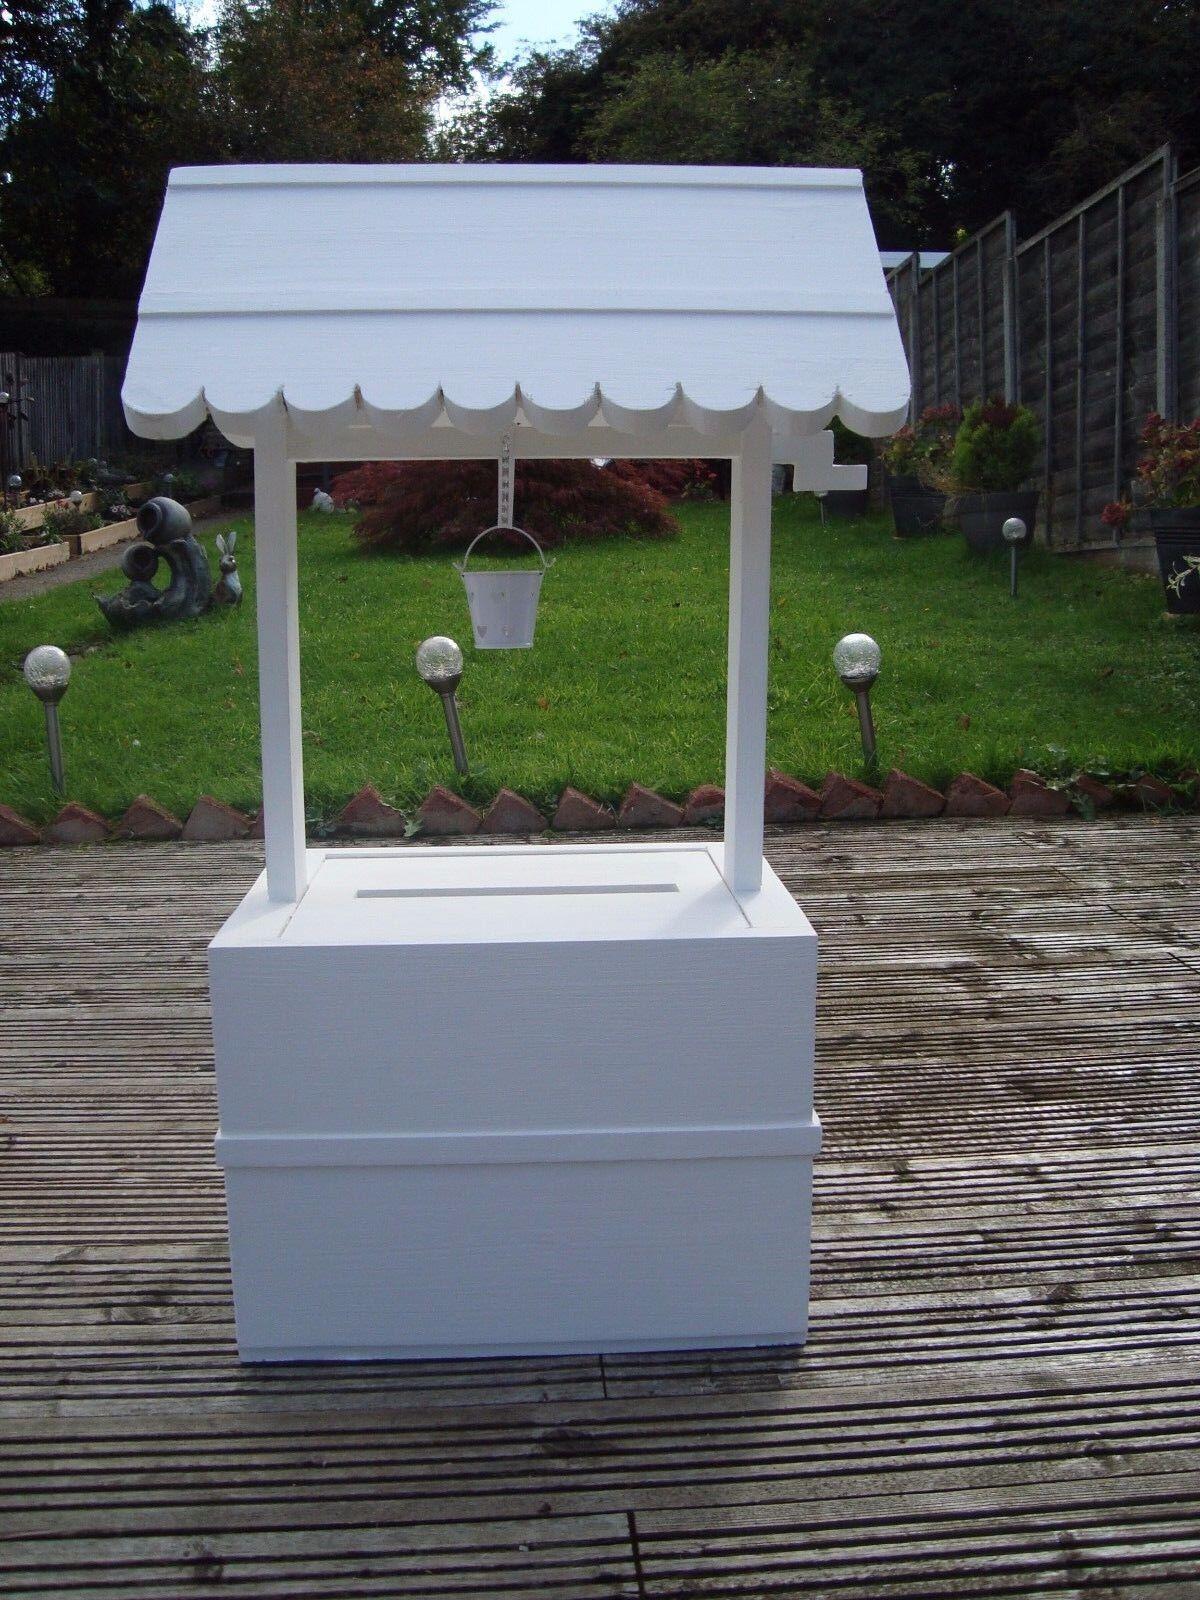 Mariage Wishing Well 80 cm plus haute, avec seau 4 vente envoi gratuit au Royaume-Uni.